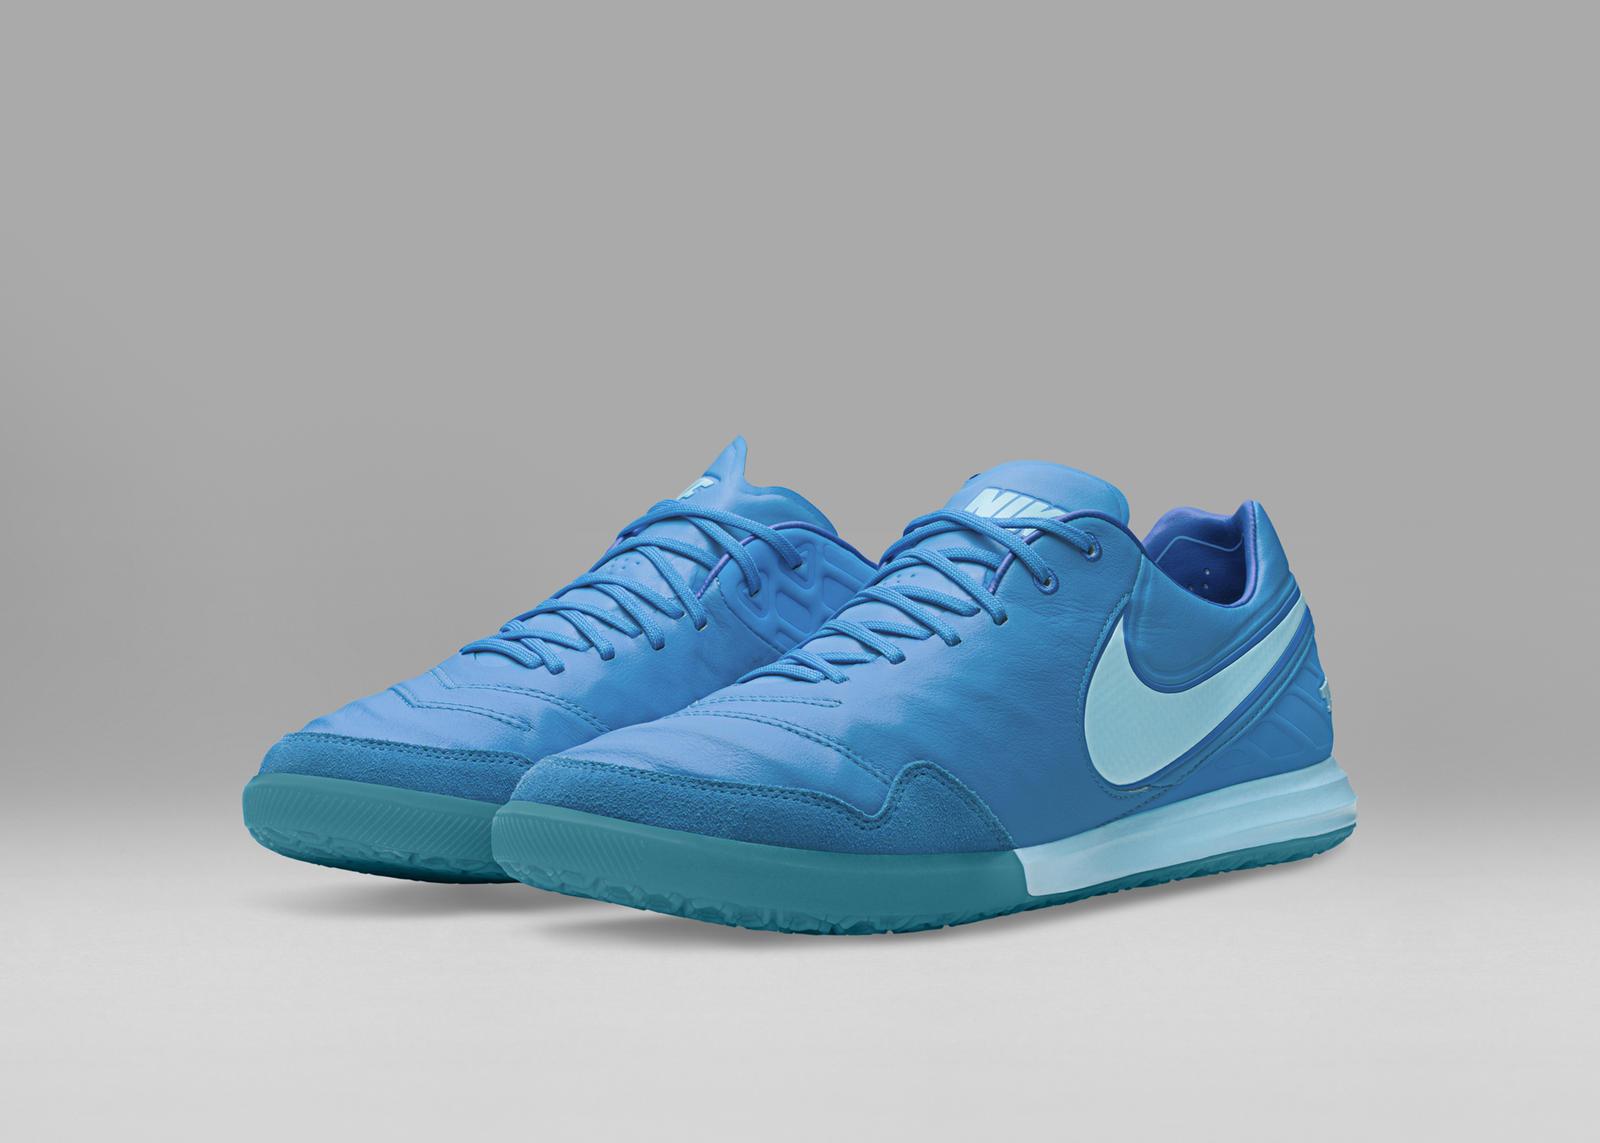 Share Image & Nike Floodlights Glow Pack - Nike News azcodes.com